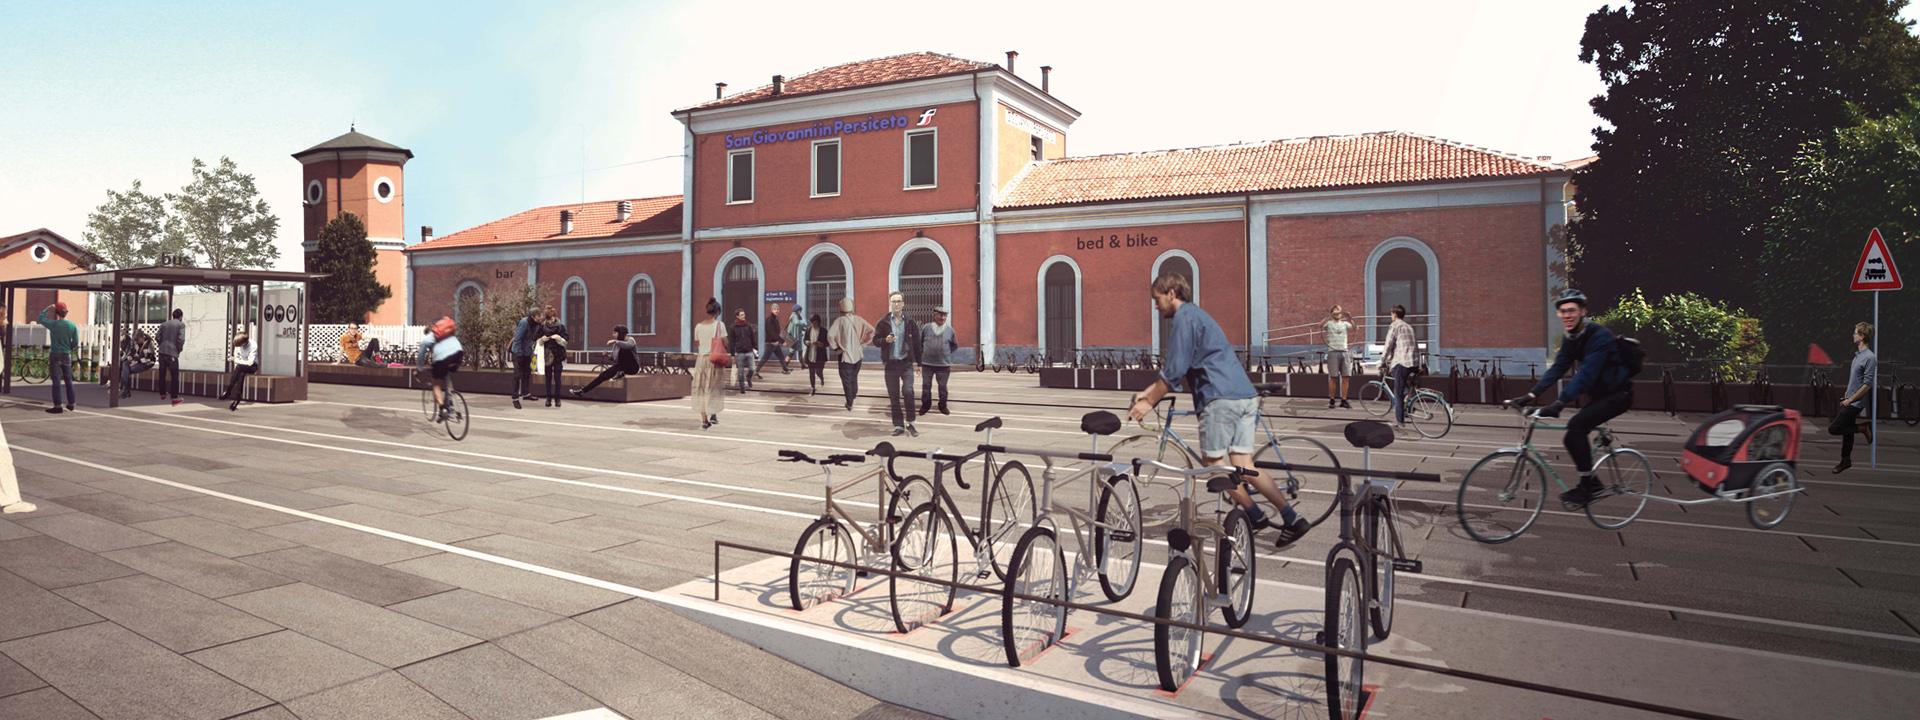 Immagine stazione San Giovanni